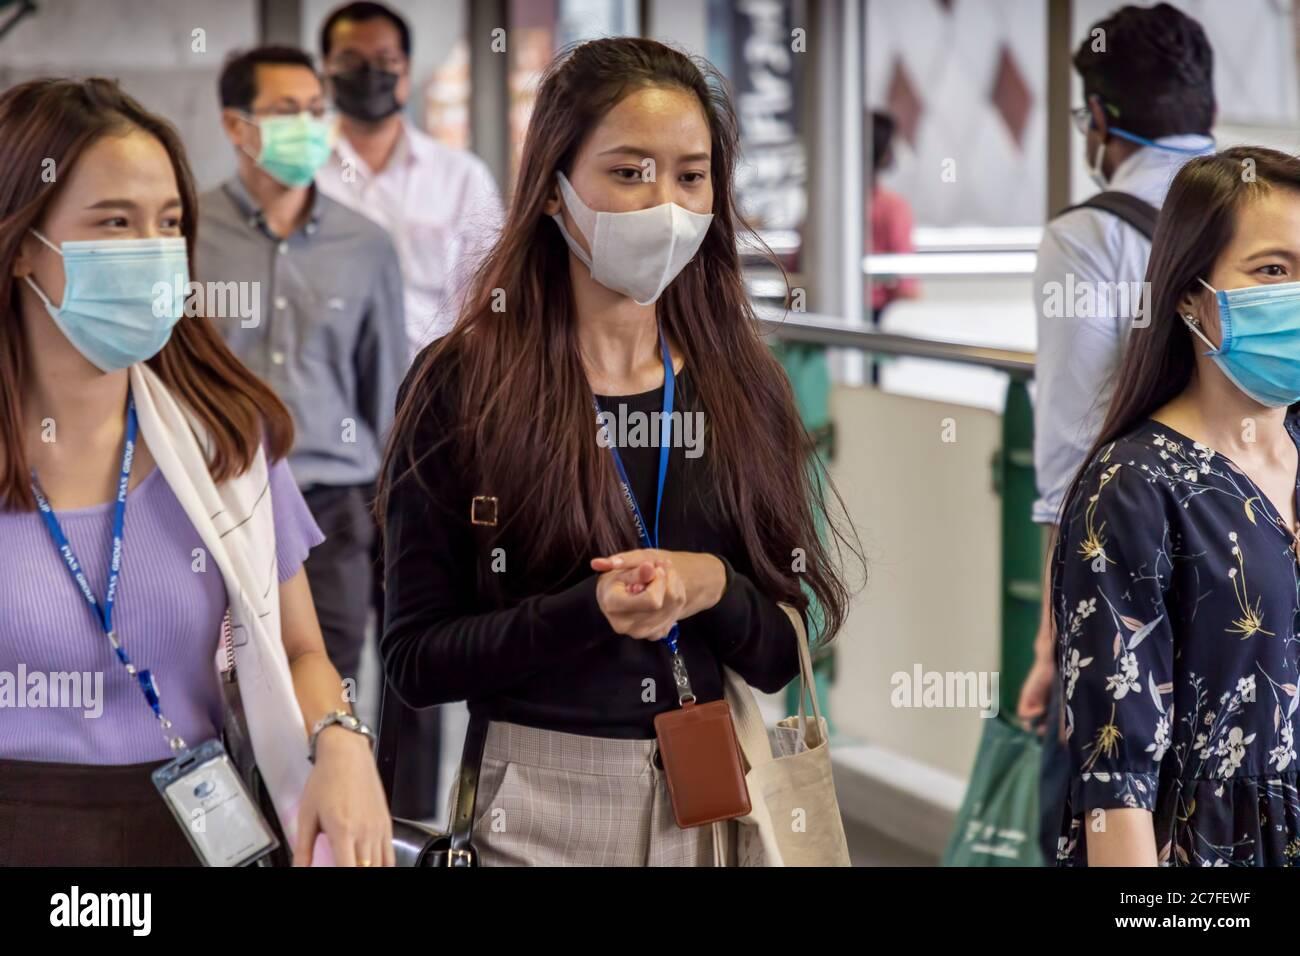 Piétons portant un masque facial marchant dans la rue pendant la pandémie de Covid 19, Bangkok, Thaïlande Banque D'Images